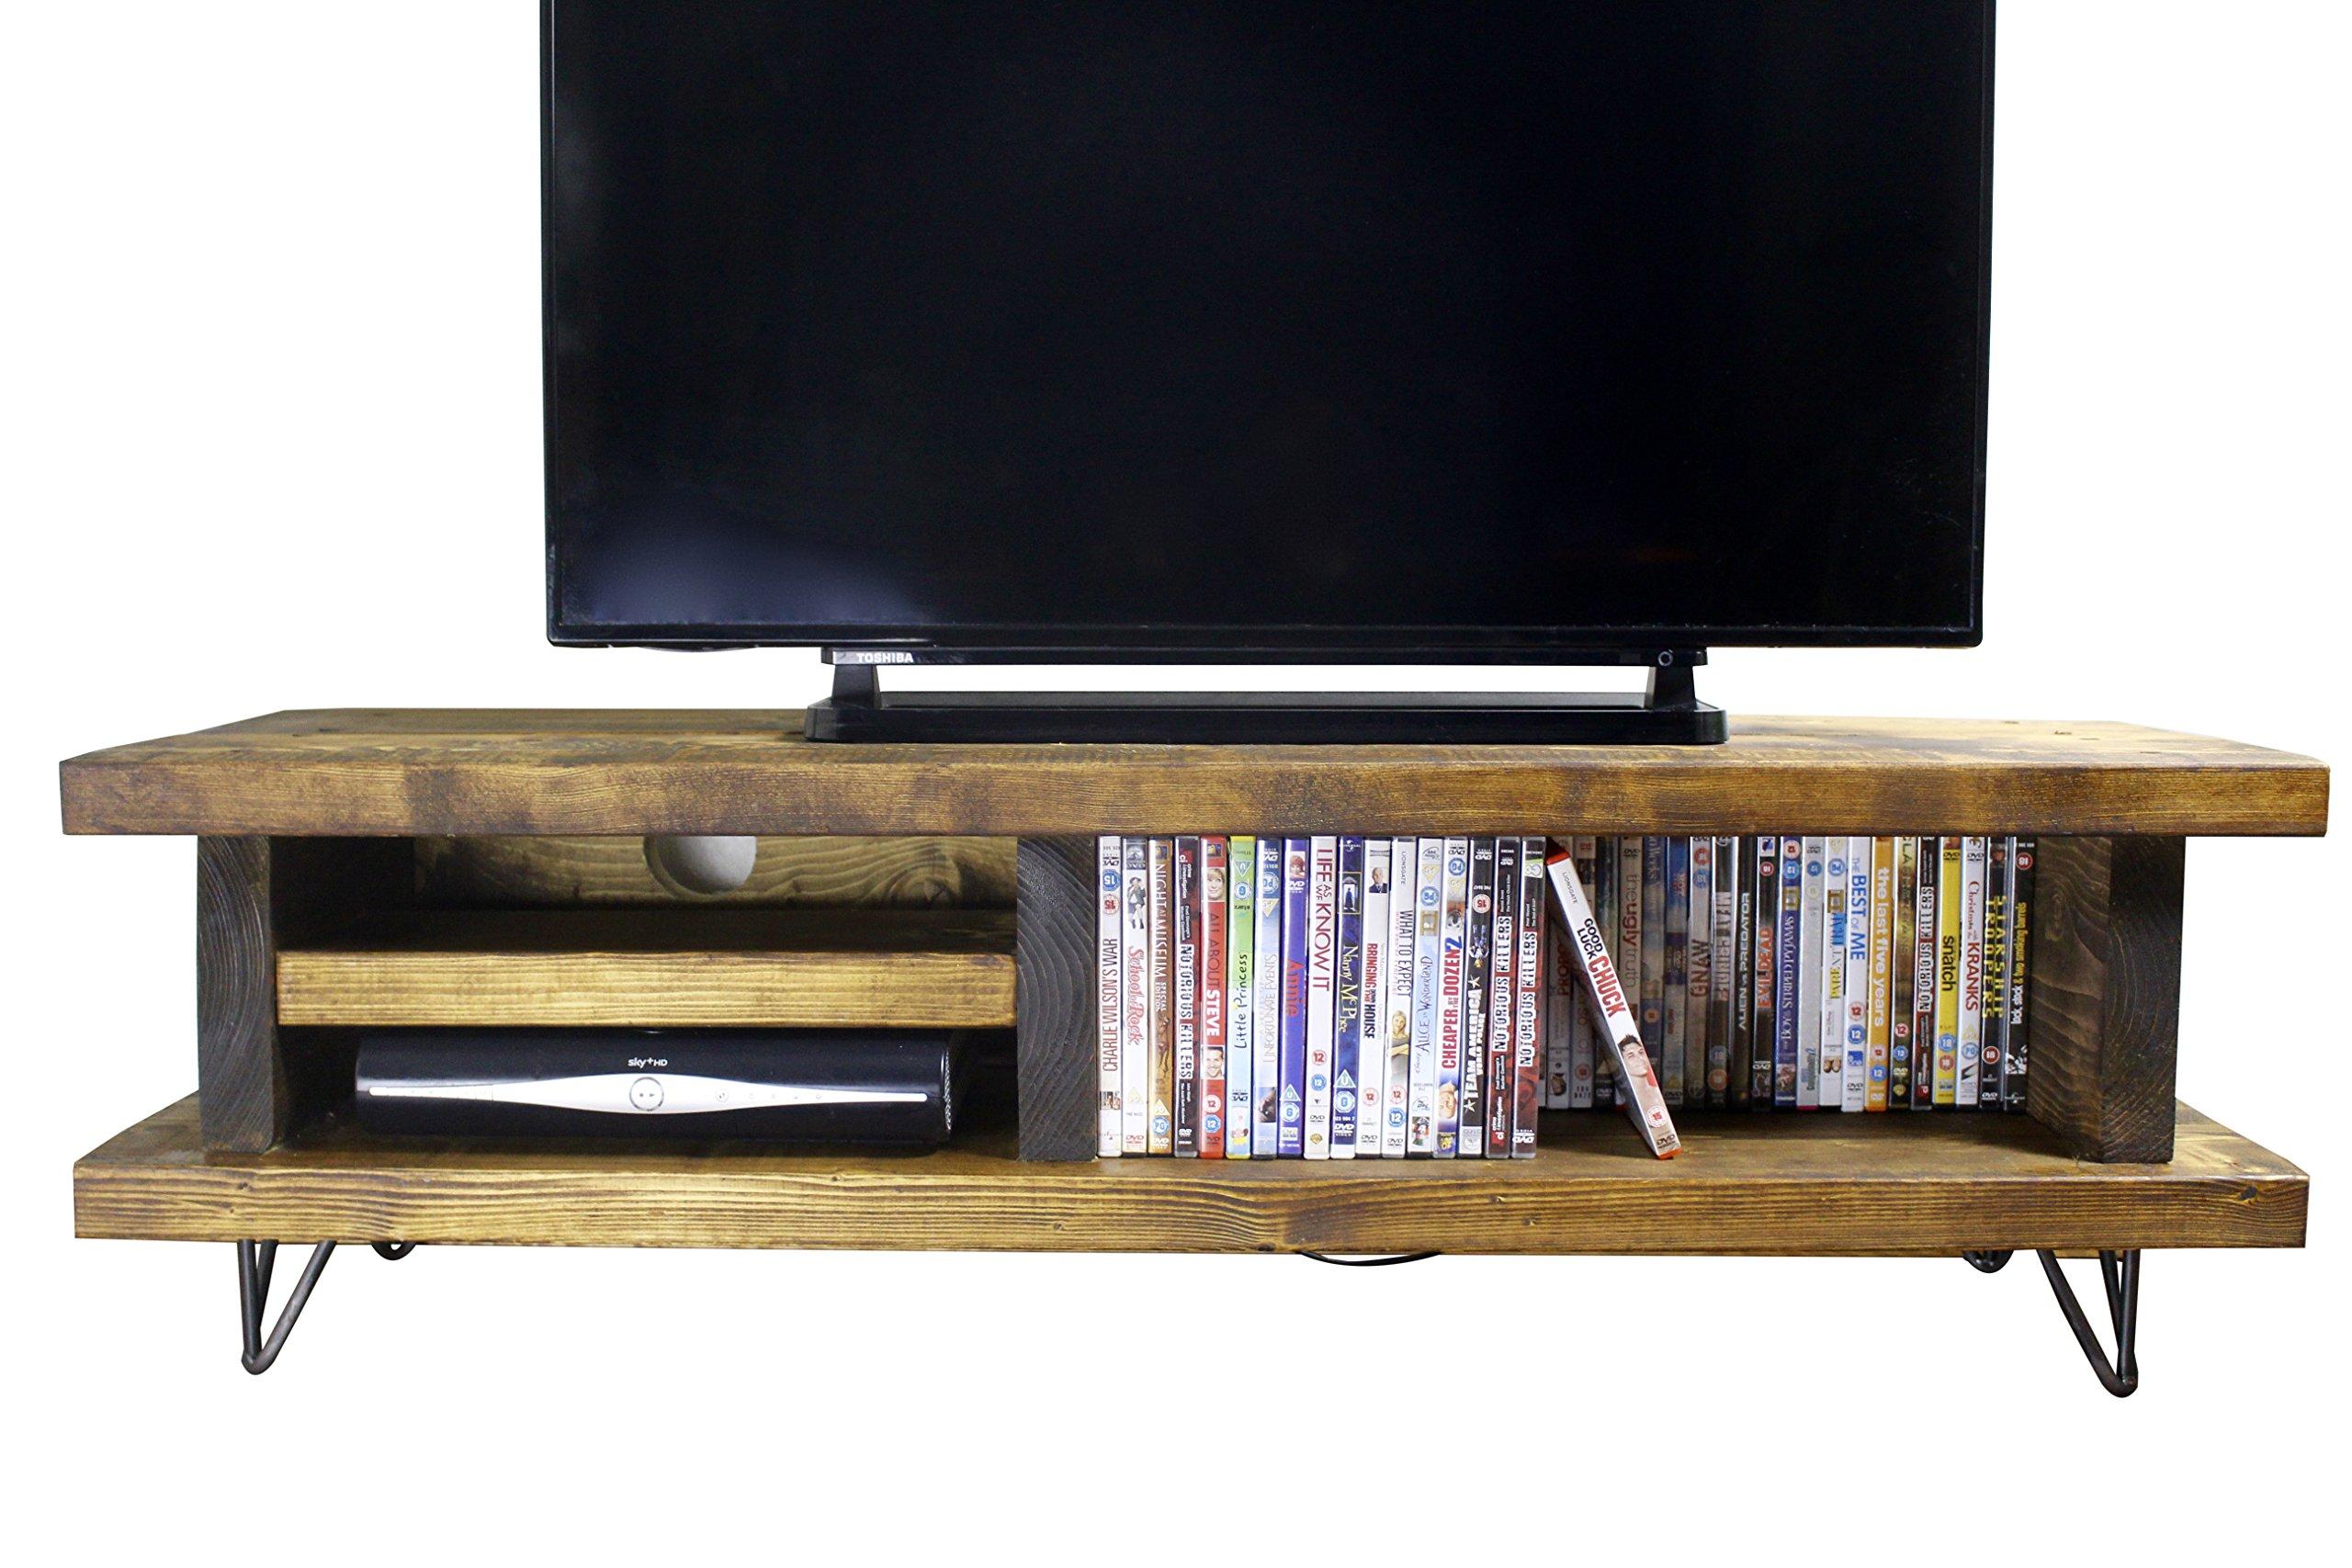 Madera Maciza rústica Hecha a Mano de Pino Blissford TV Unit/Stand, Acabado en Roble Grueso Country 110cm Long Roble Oscuro: Amazon.es: Electrónica